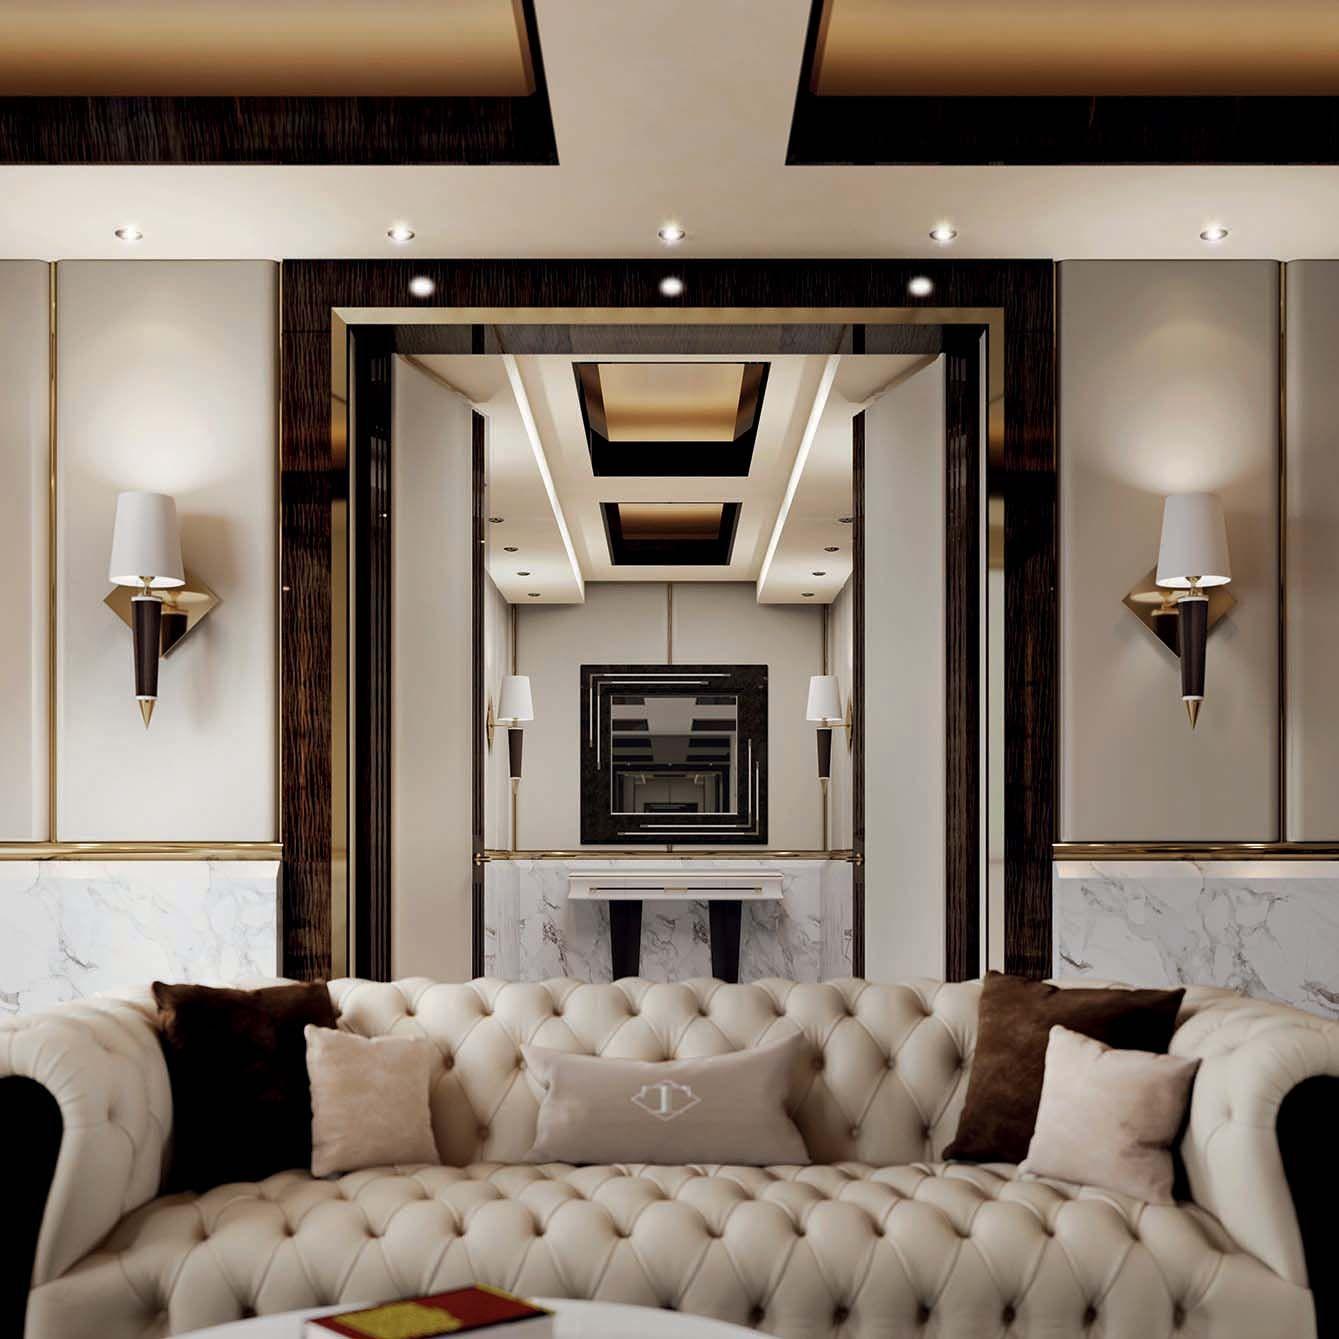 Turri - Luxury Italian Furniture | Soggiorno, Salotto e Divani